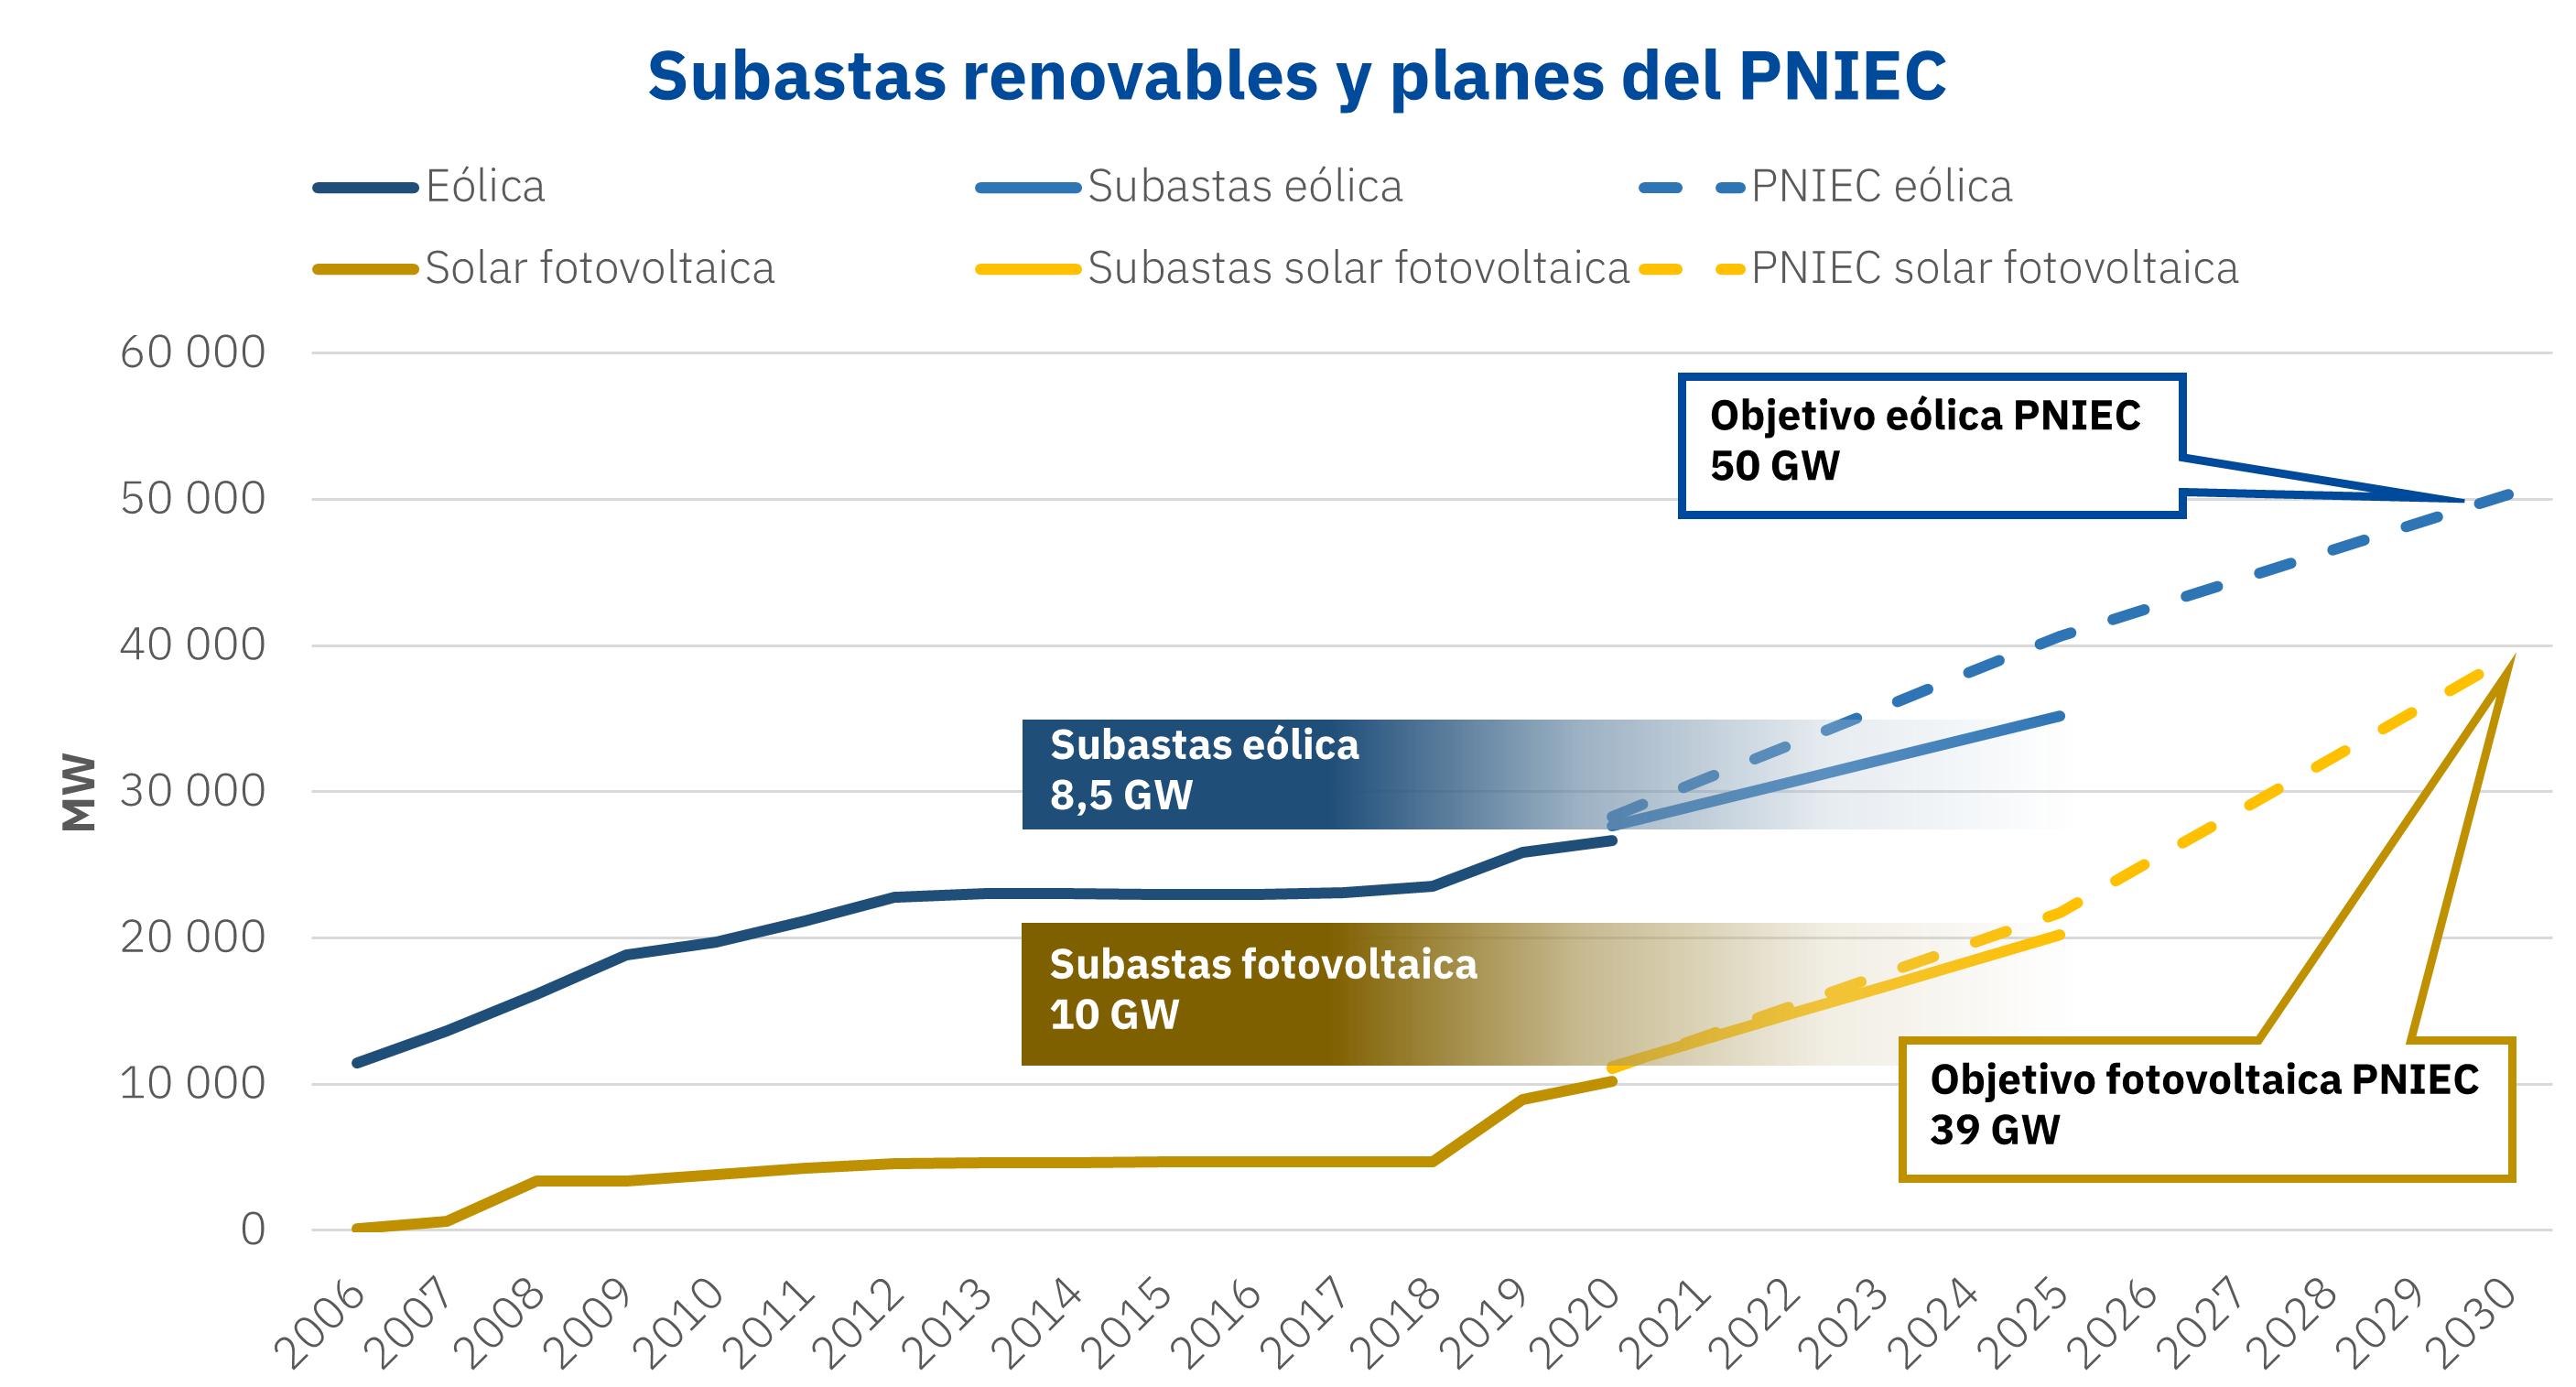 AleaSoft - Subastas renovables eolica fotovoltaica PNIEC